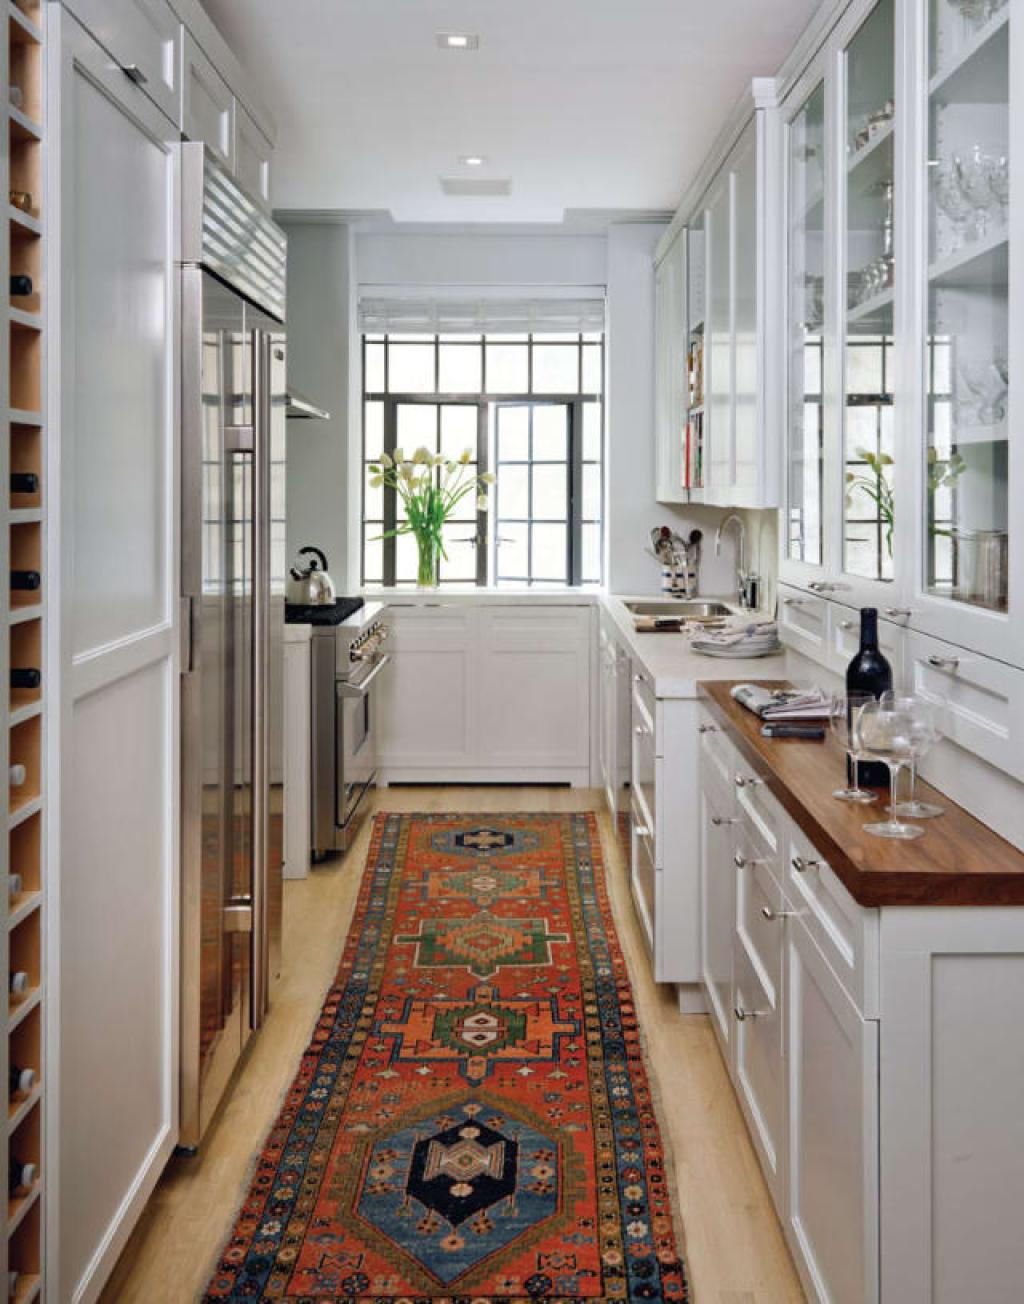 Karpet merah di dapur